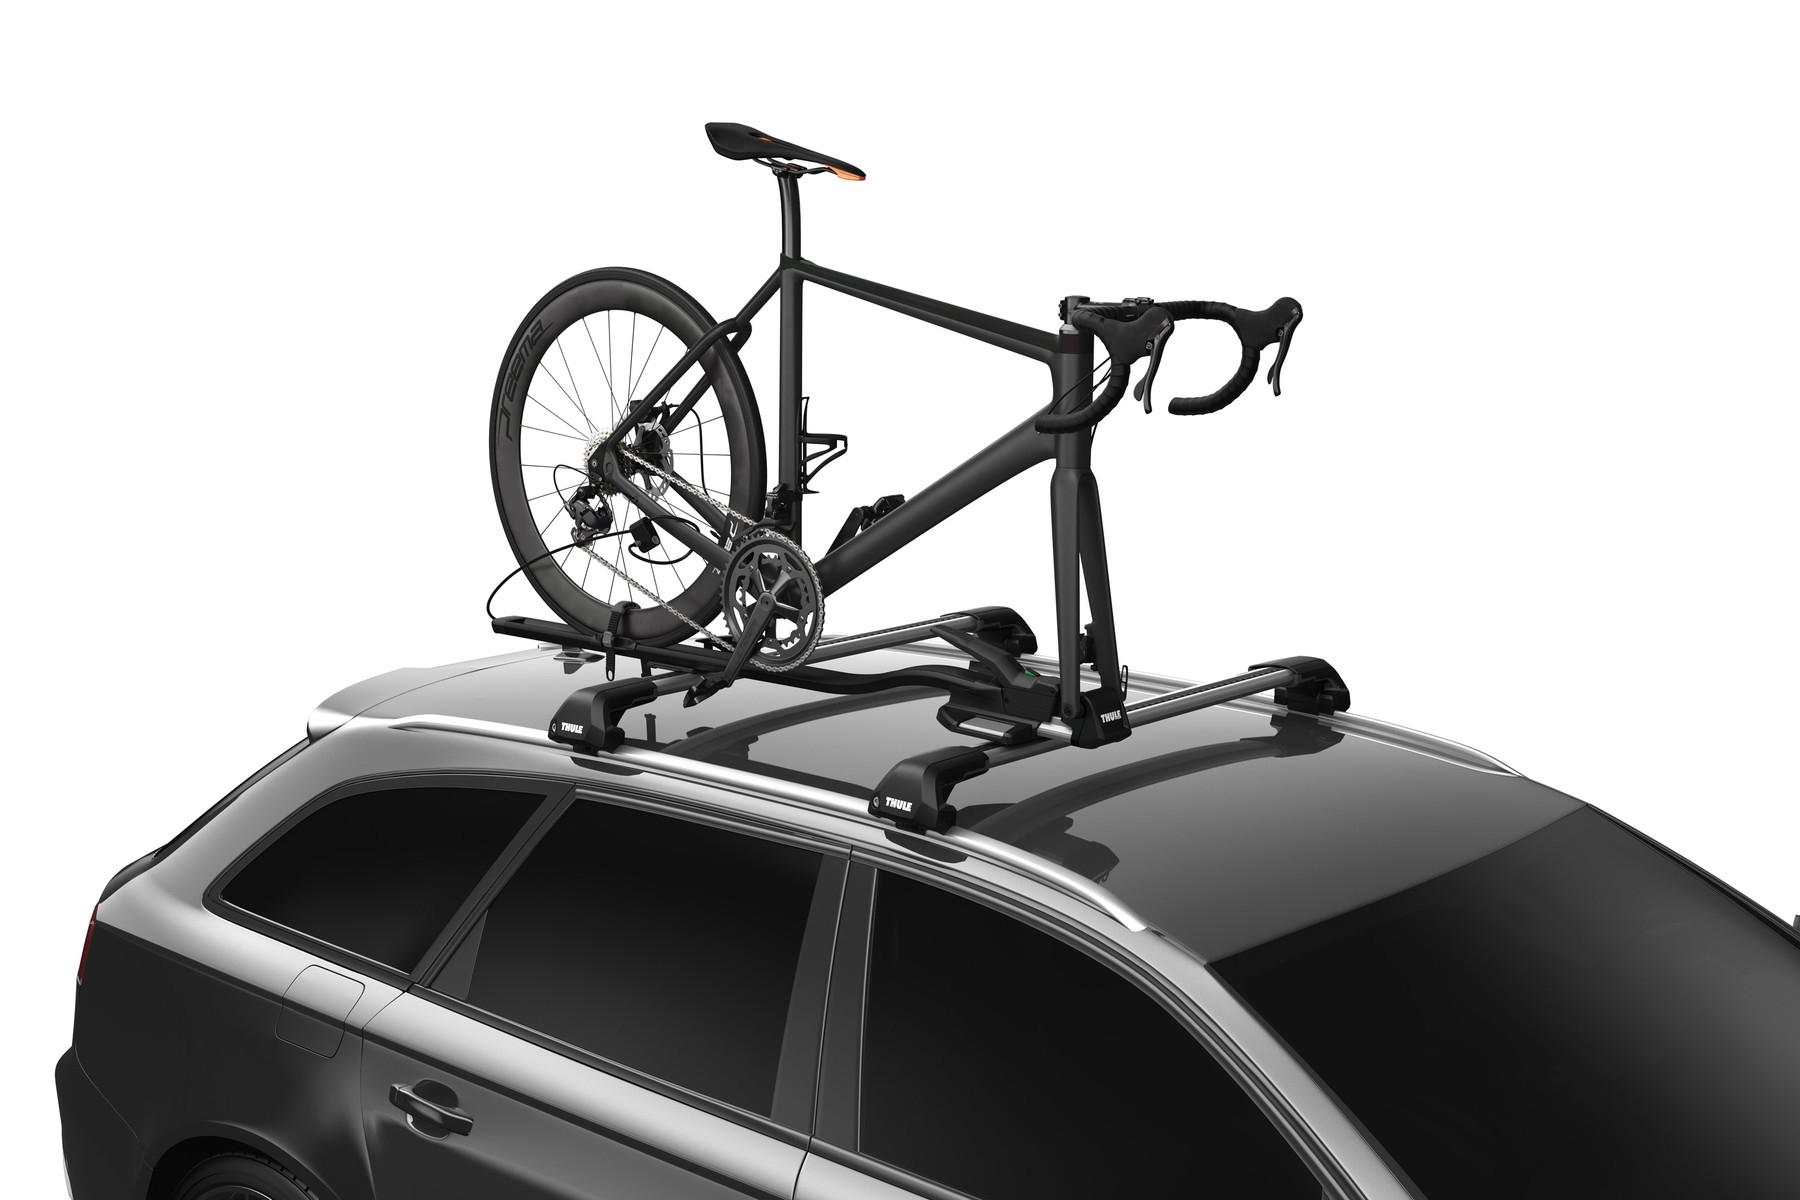 Nosič kola, který vyžaduje demontáž předního kola.